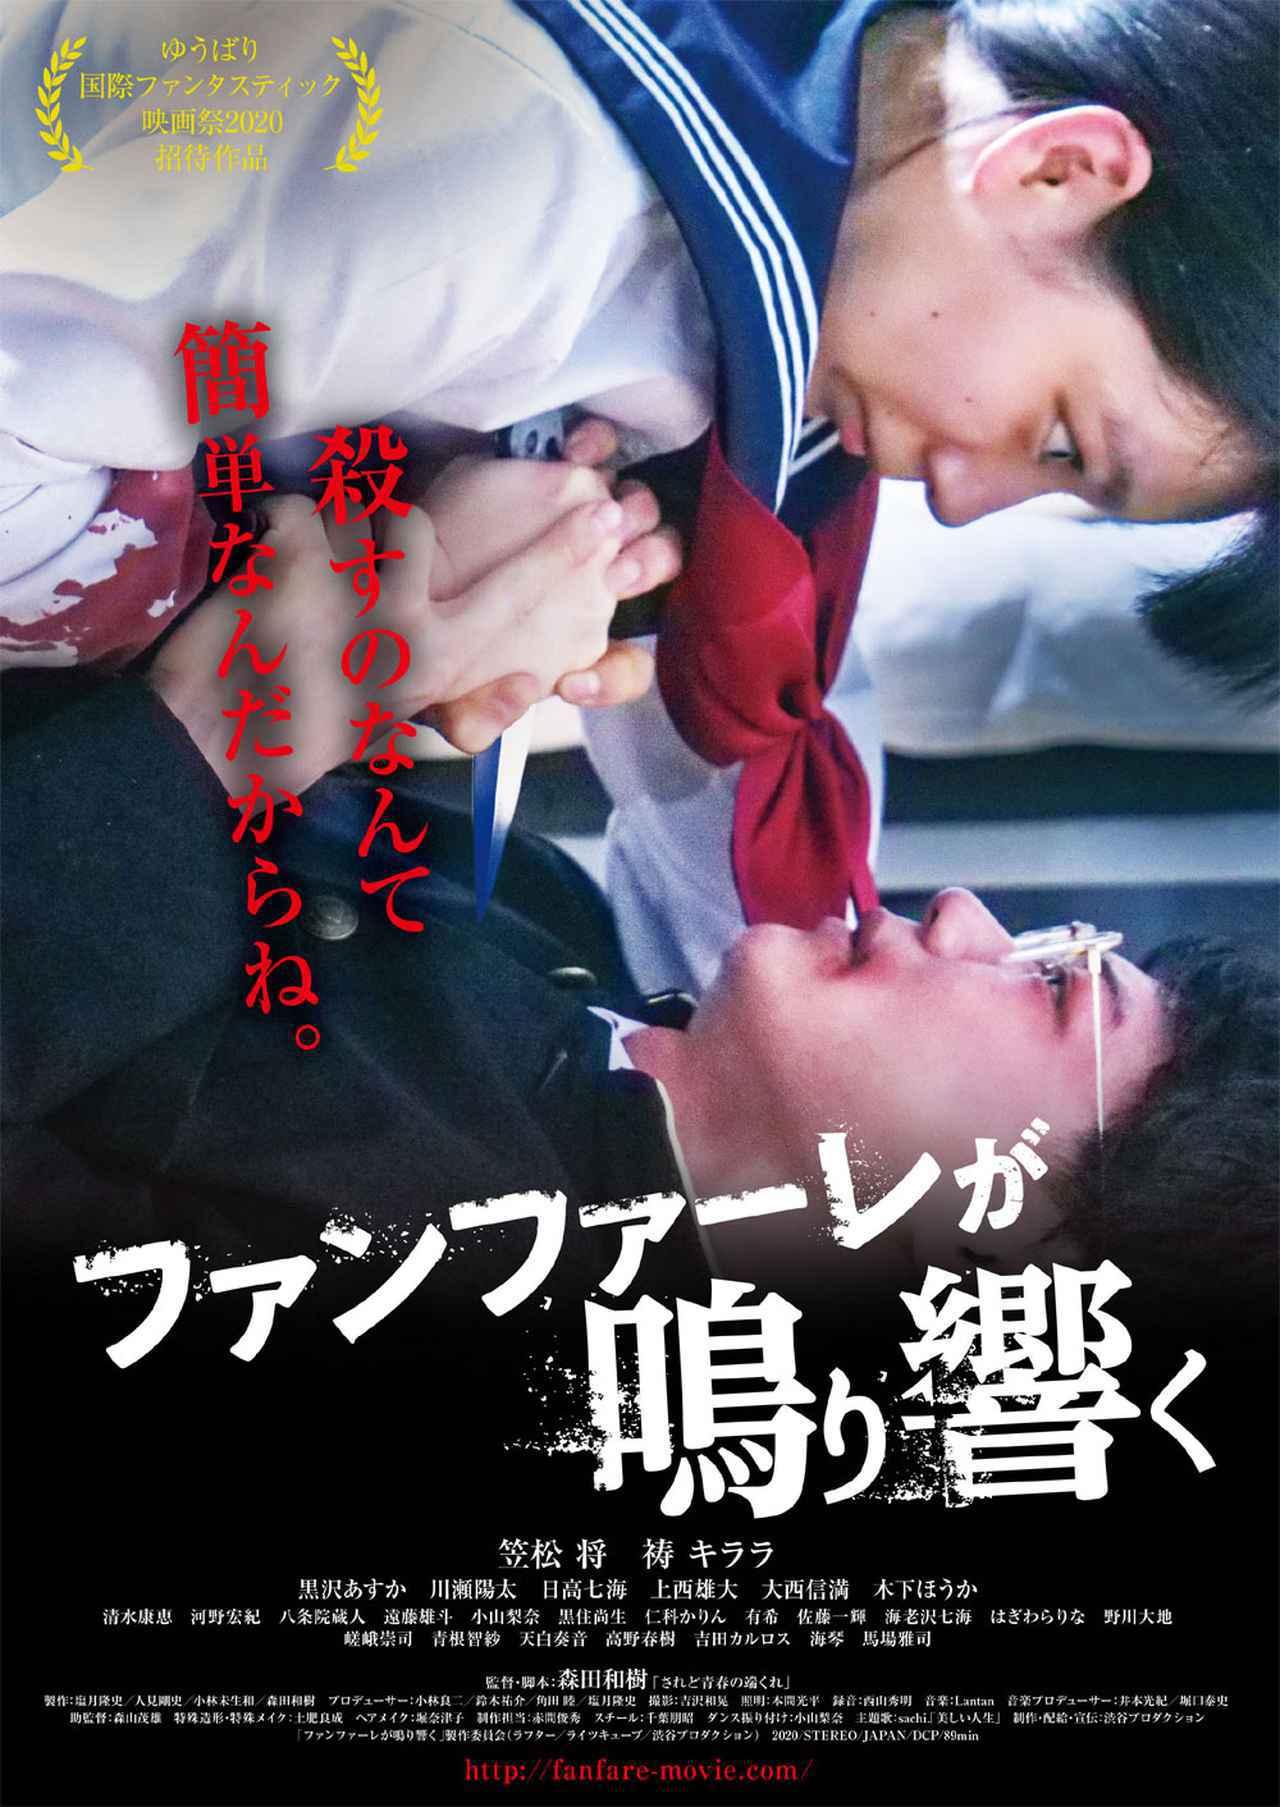 画像7: 「祷キララ」が渾身の演技を魅せた映画『ファンファーレが鳴り響く』が、いよいよ10月17日に公開。「人を殺めることになった過程をゆっくりとひも解いて、役作りにつなげていきました」